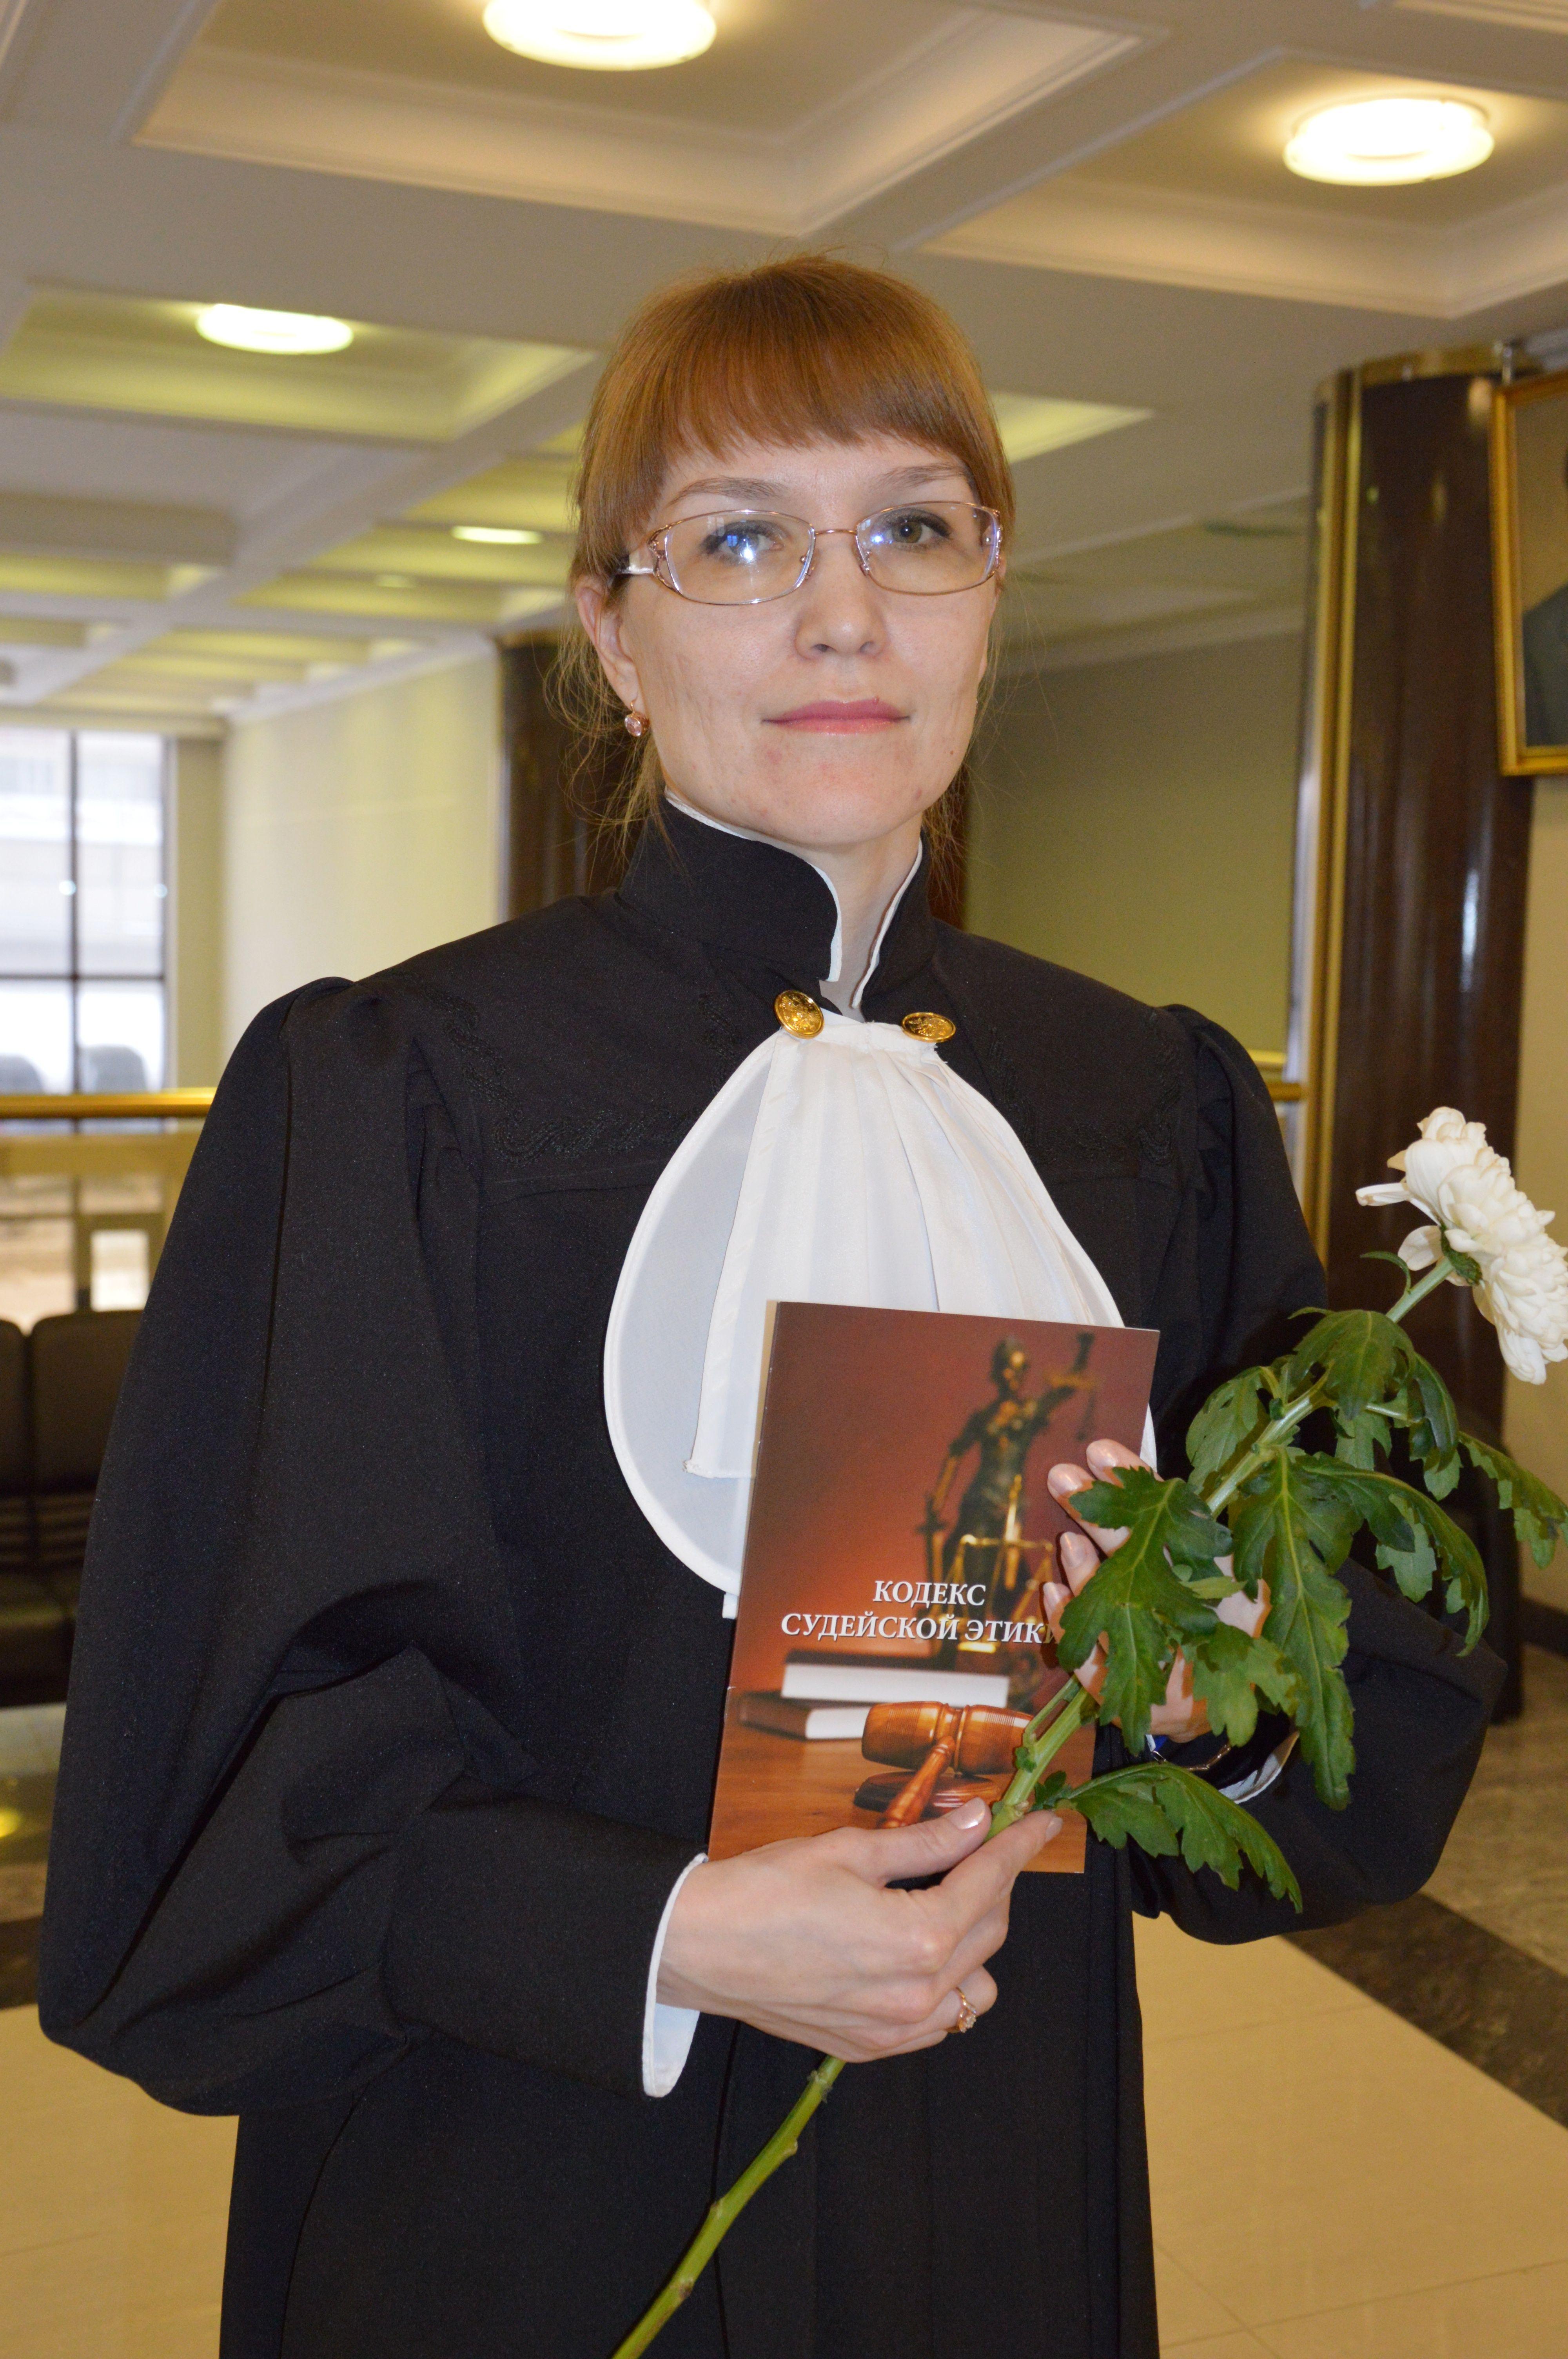 практические задания для сдачи экзамена на судью